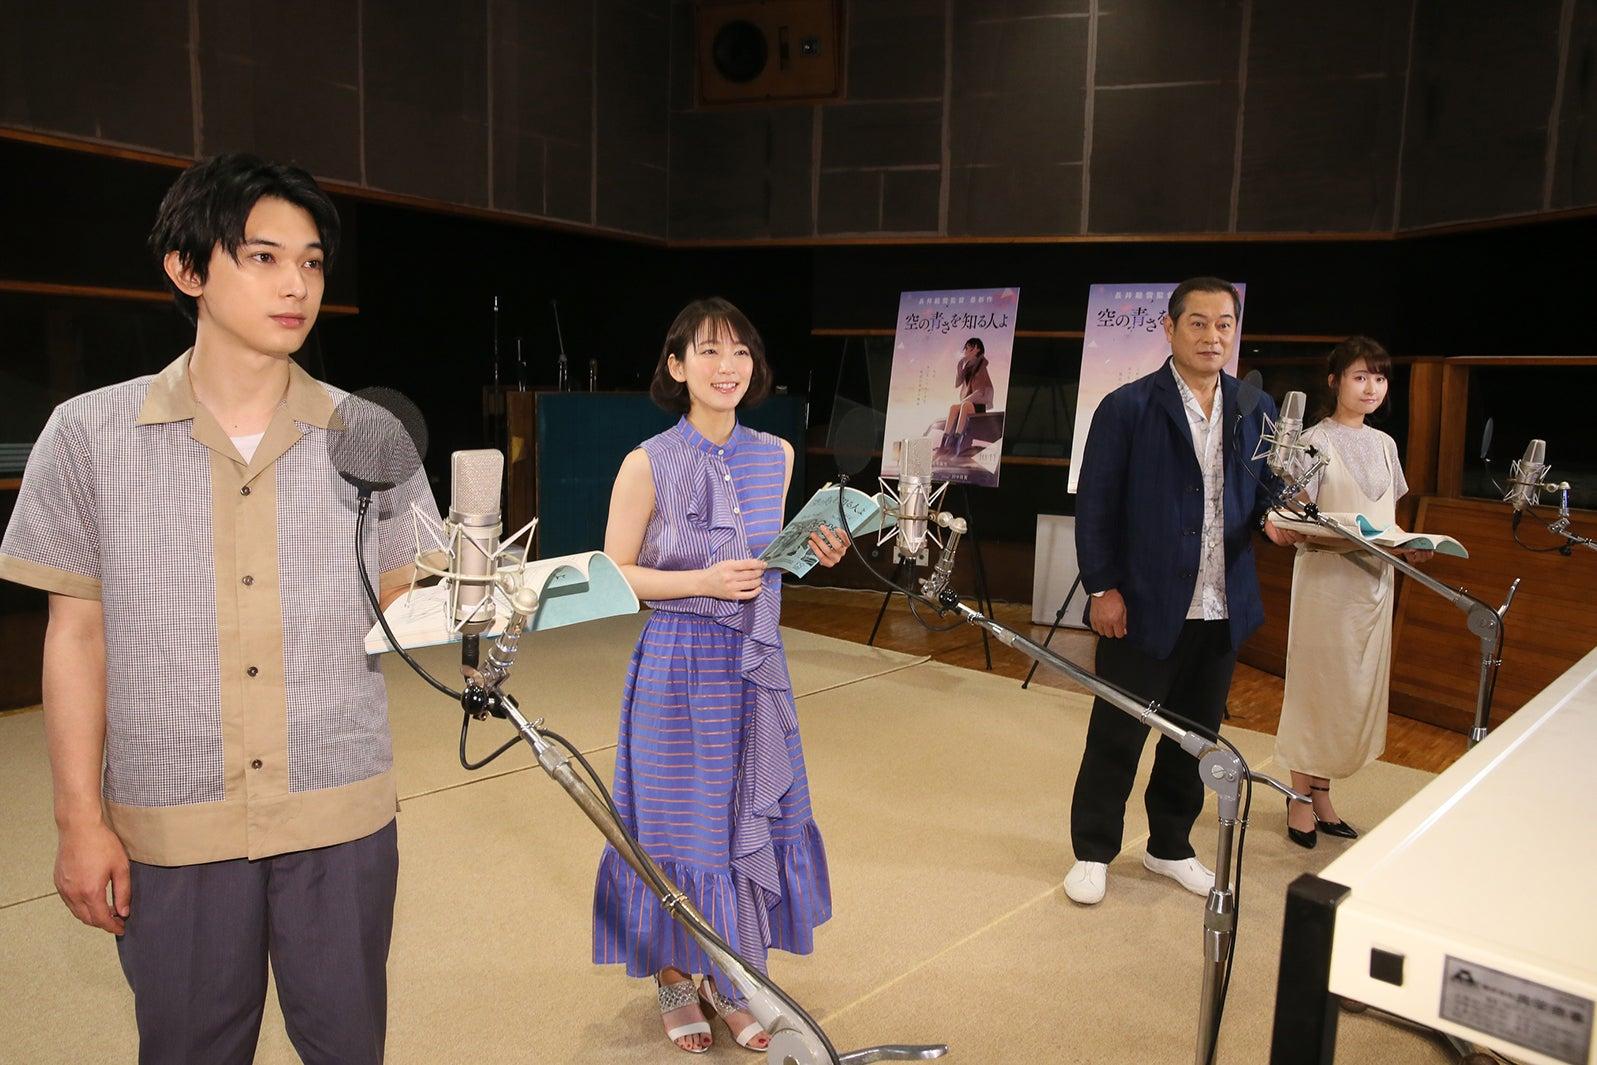 吉沢亮、アニメ声優初挑戦 吉岡里帆らキャスト発表<空の青さを